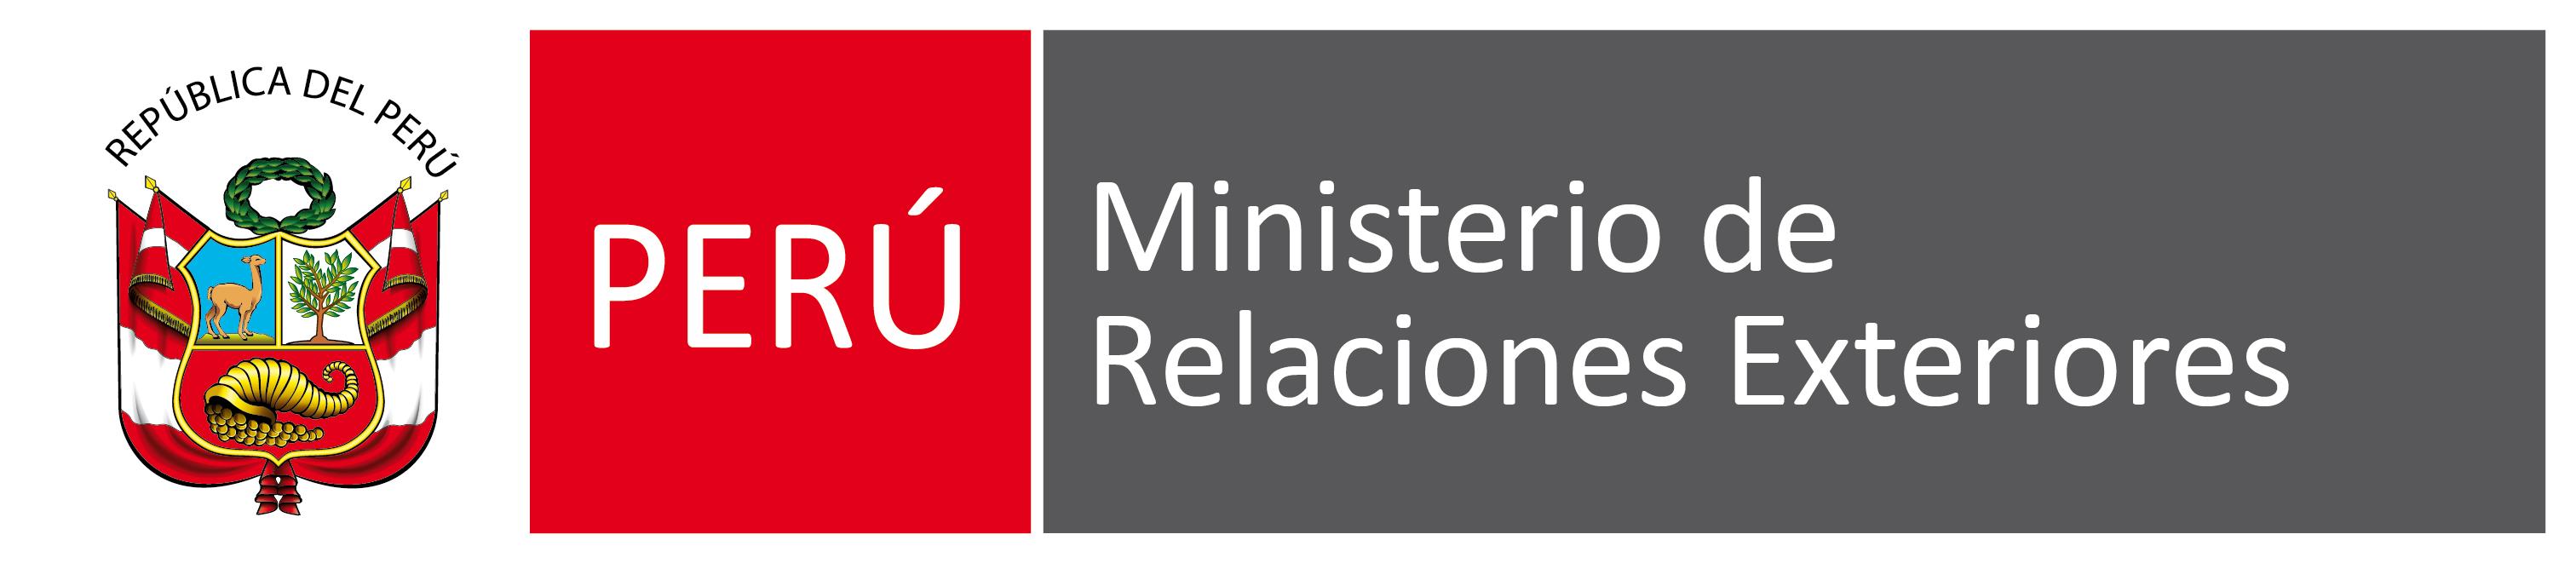 archivo ministerio de relaciones exteriores del